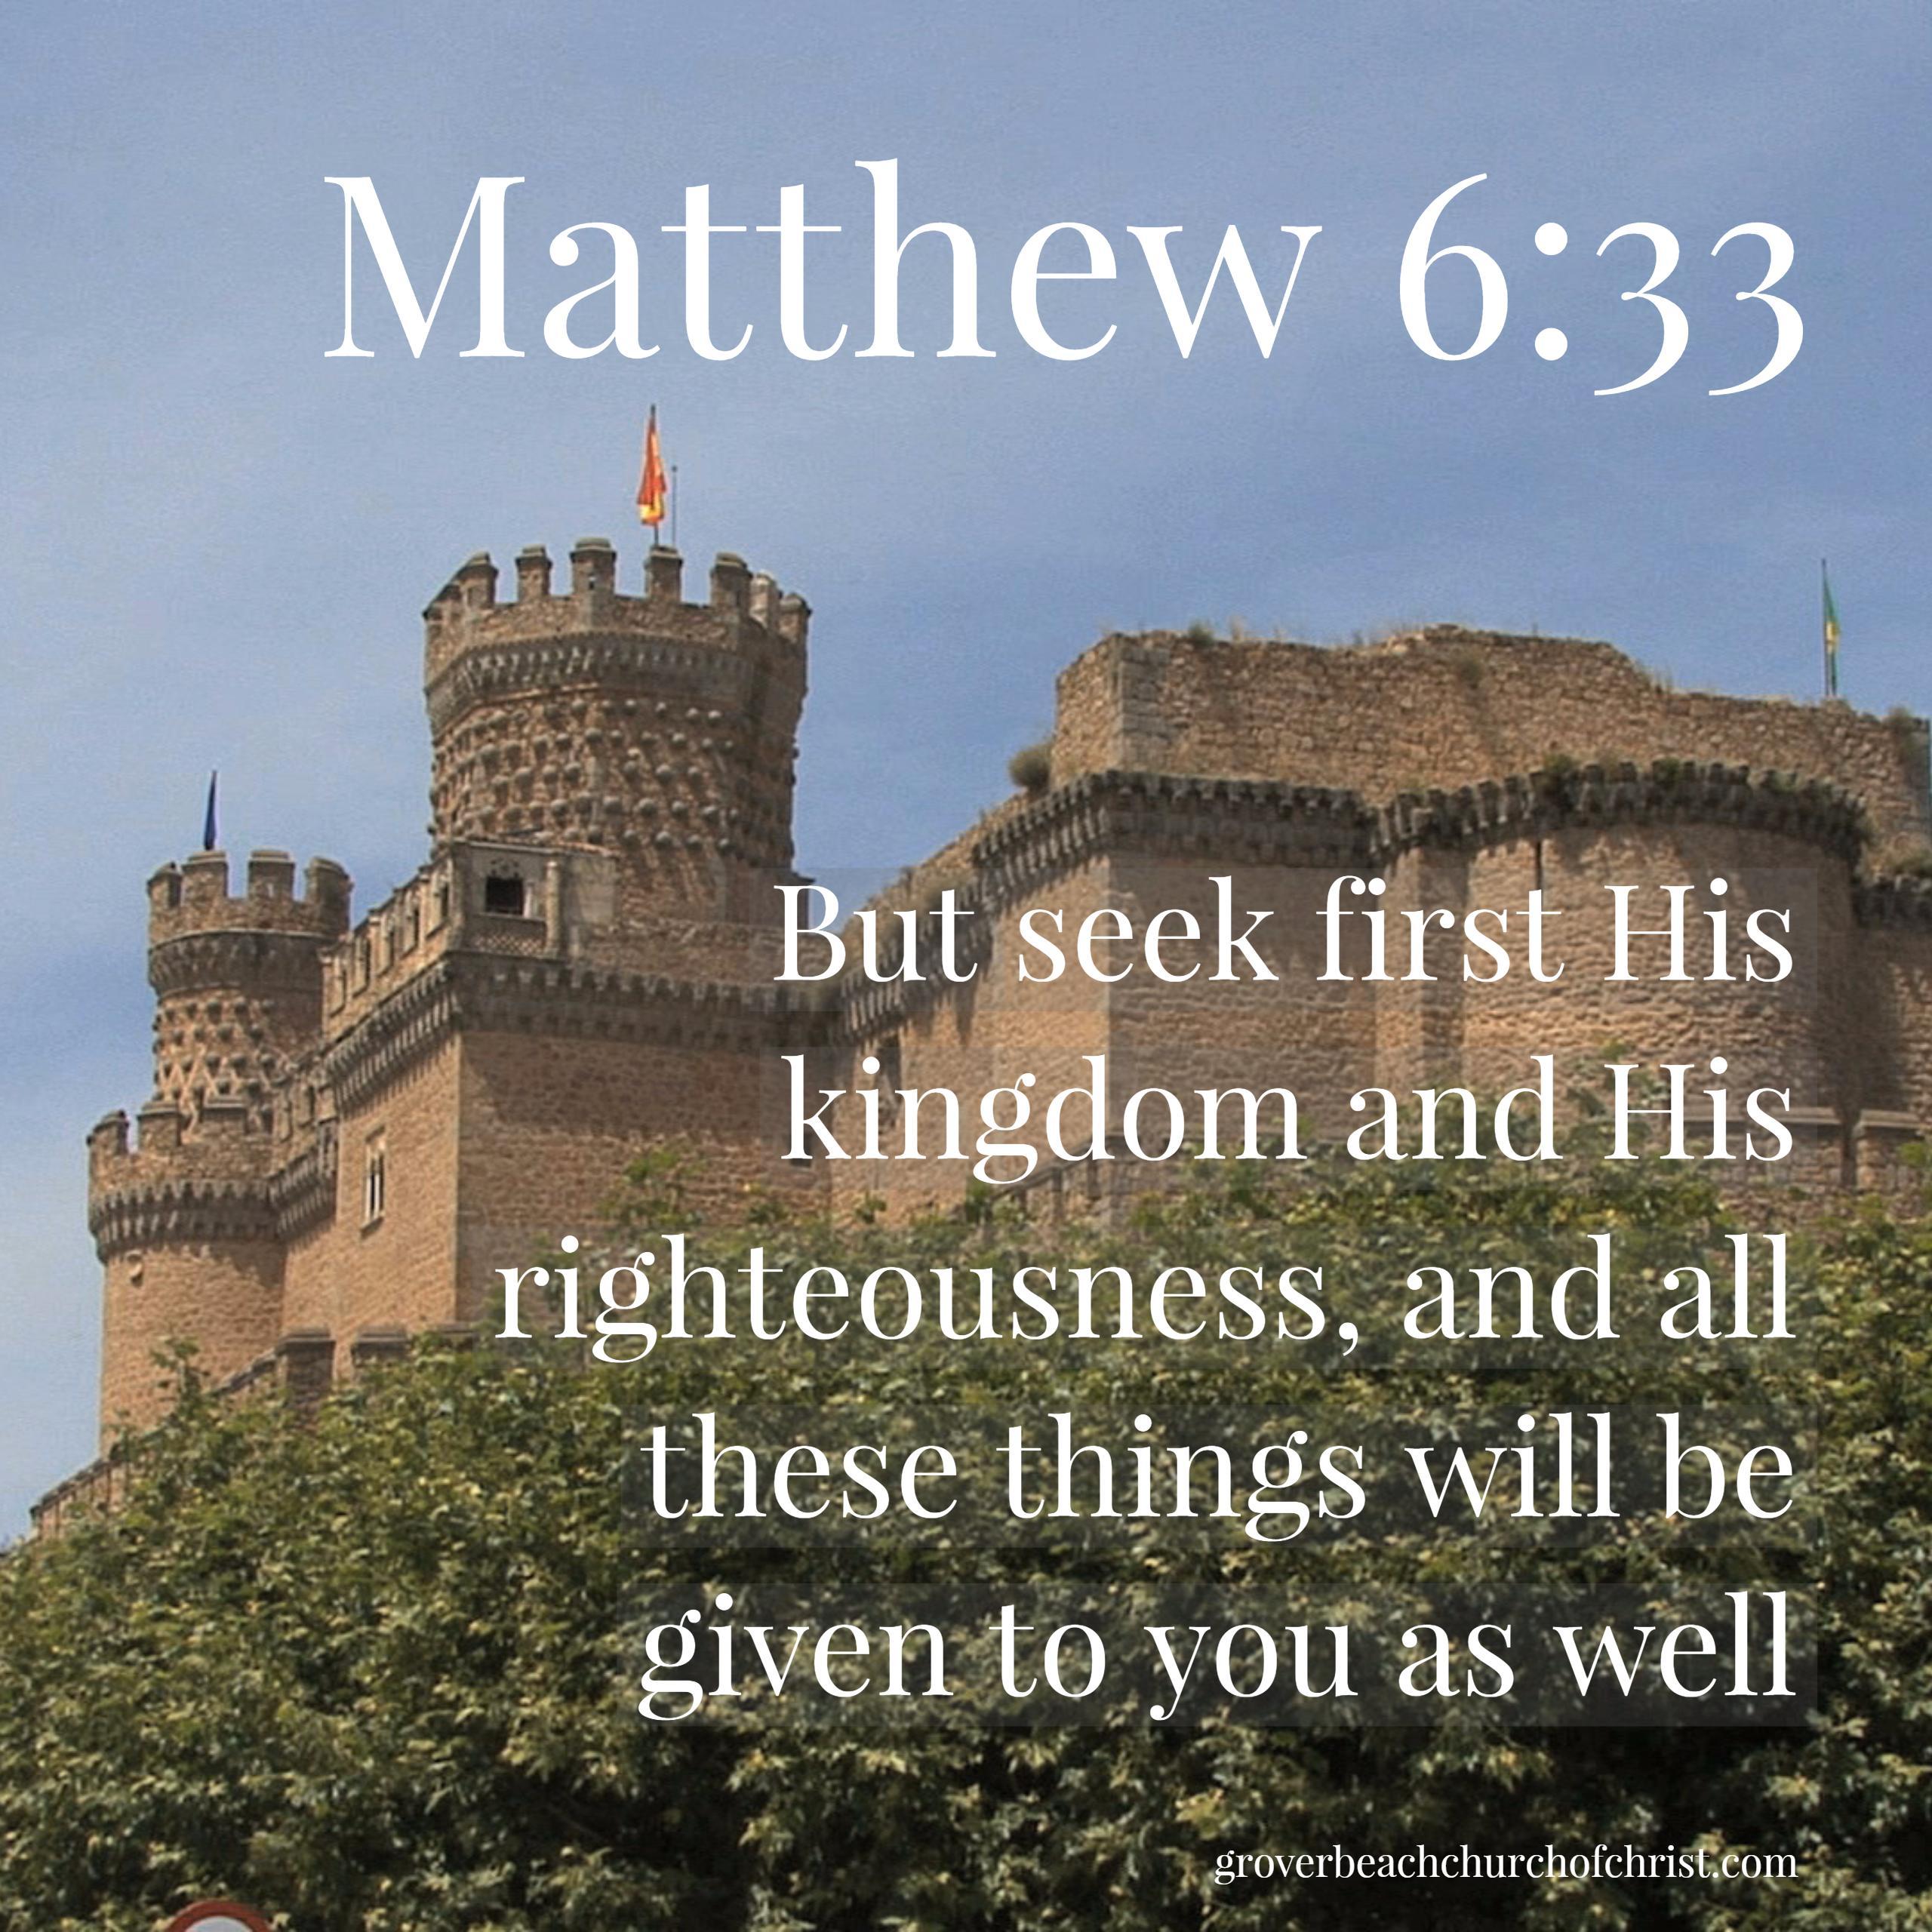 Matthew 6:33 But seek first his kingdom